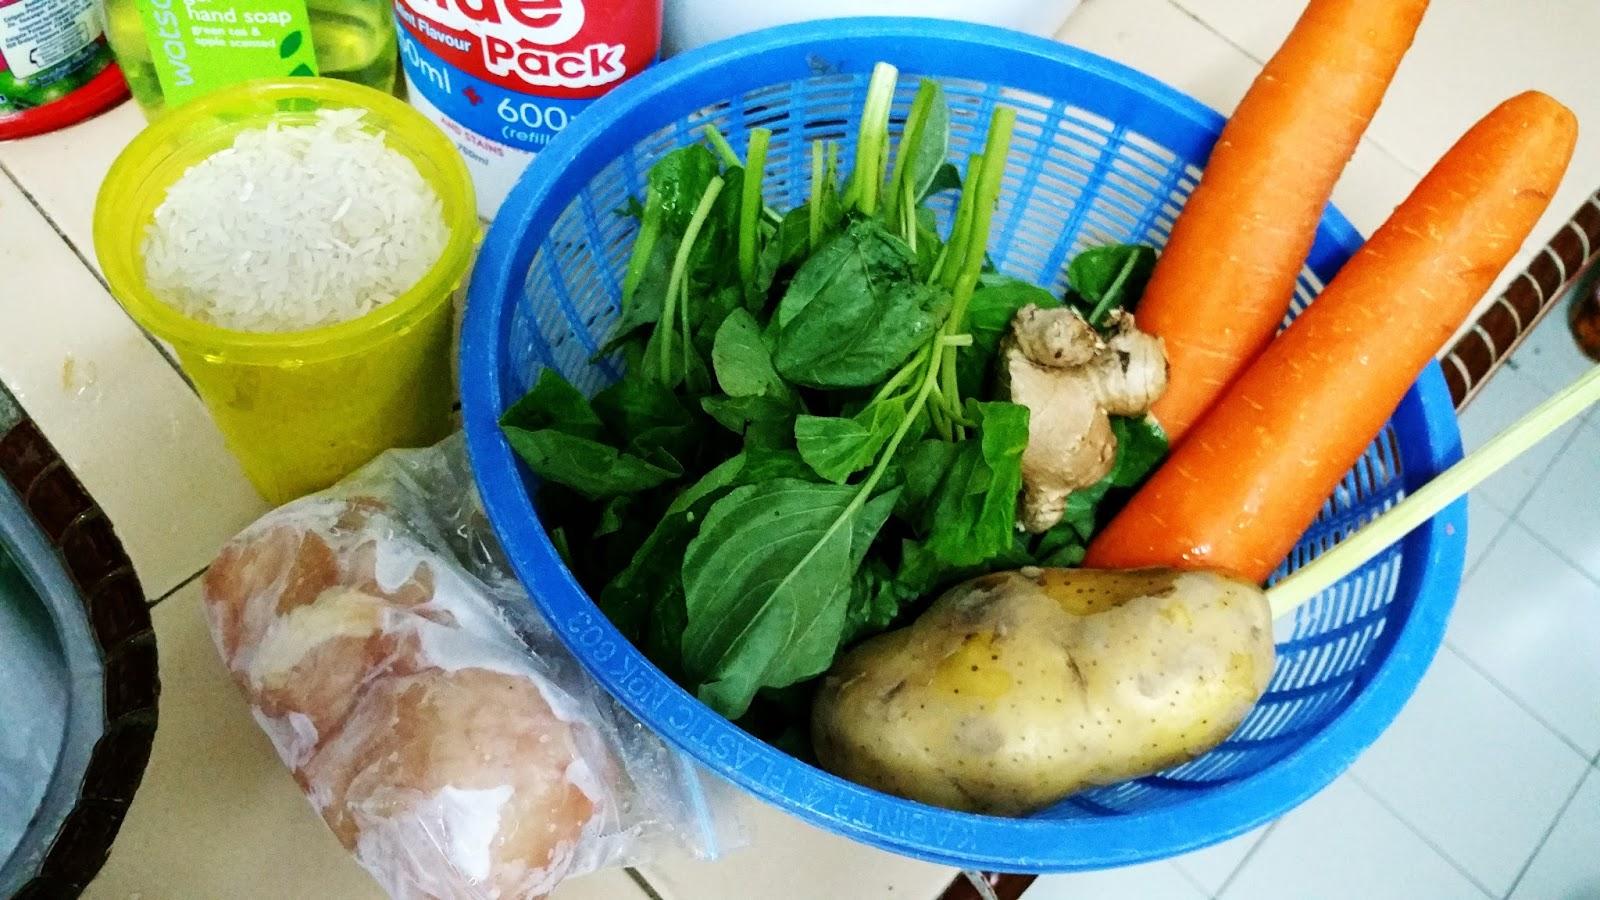 Resepi bubur ayam dan bayam untuk bayi 6-9bulan - Prettyvrach